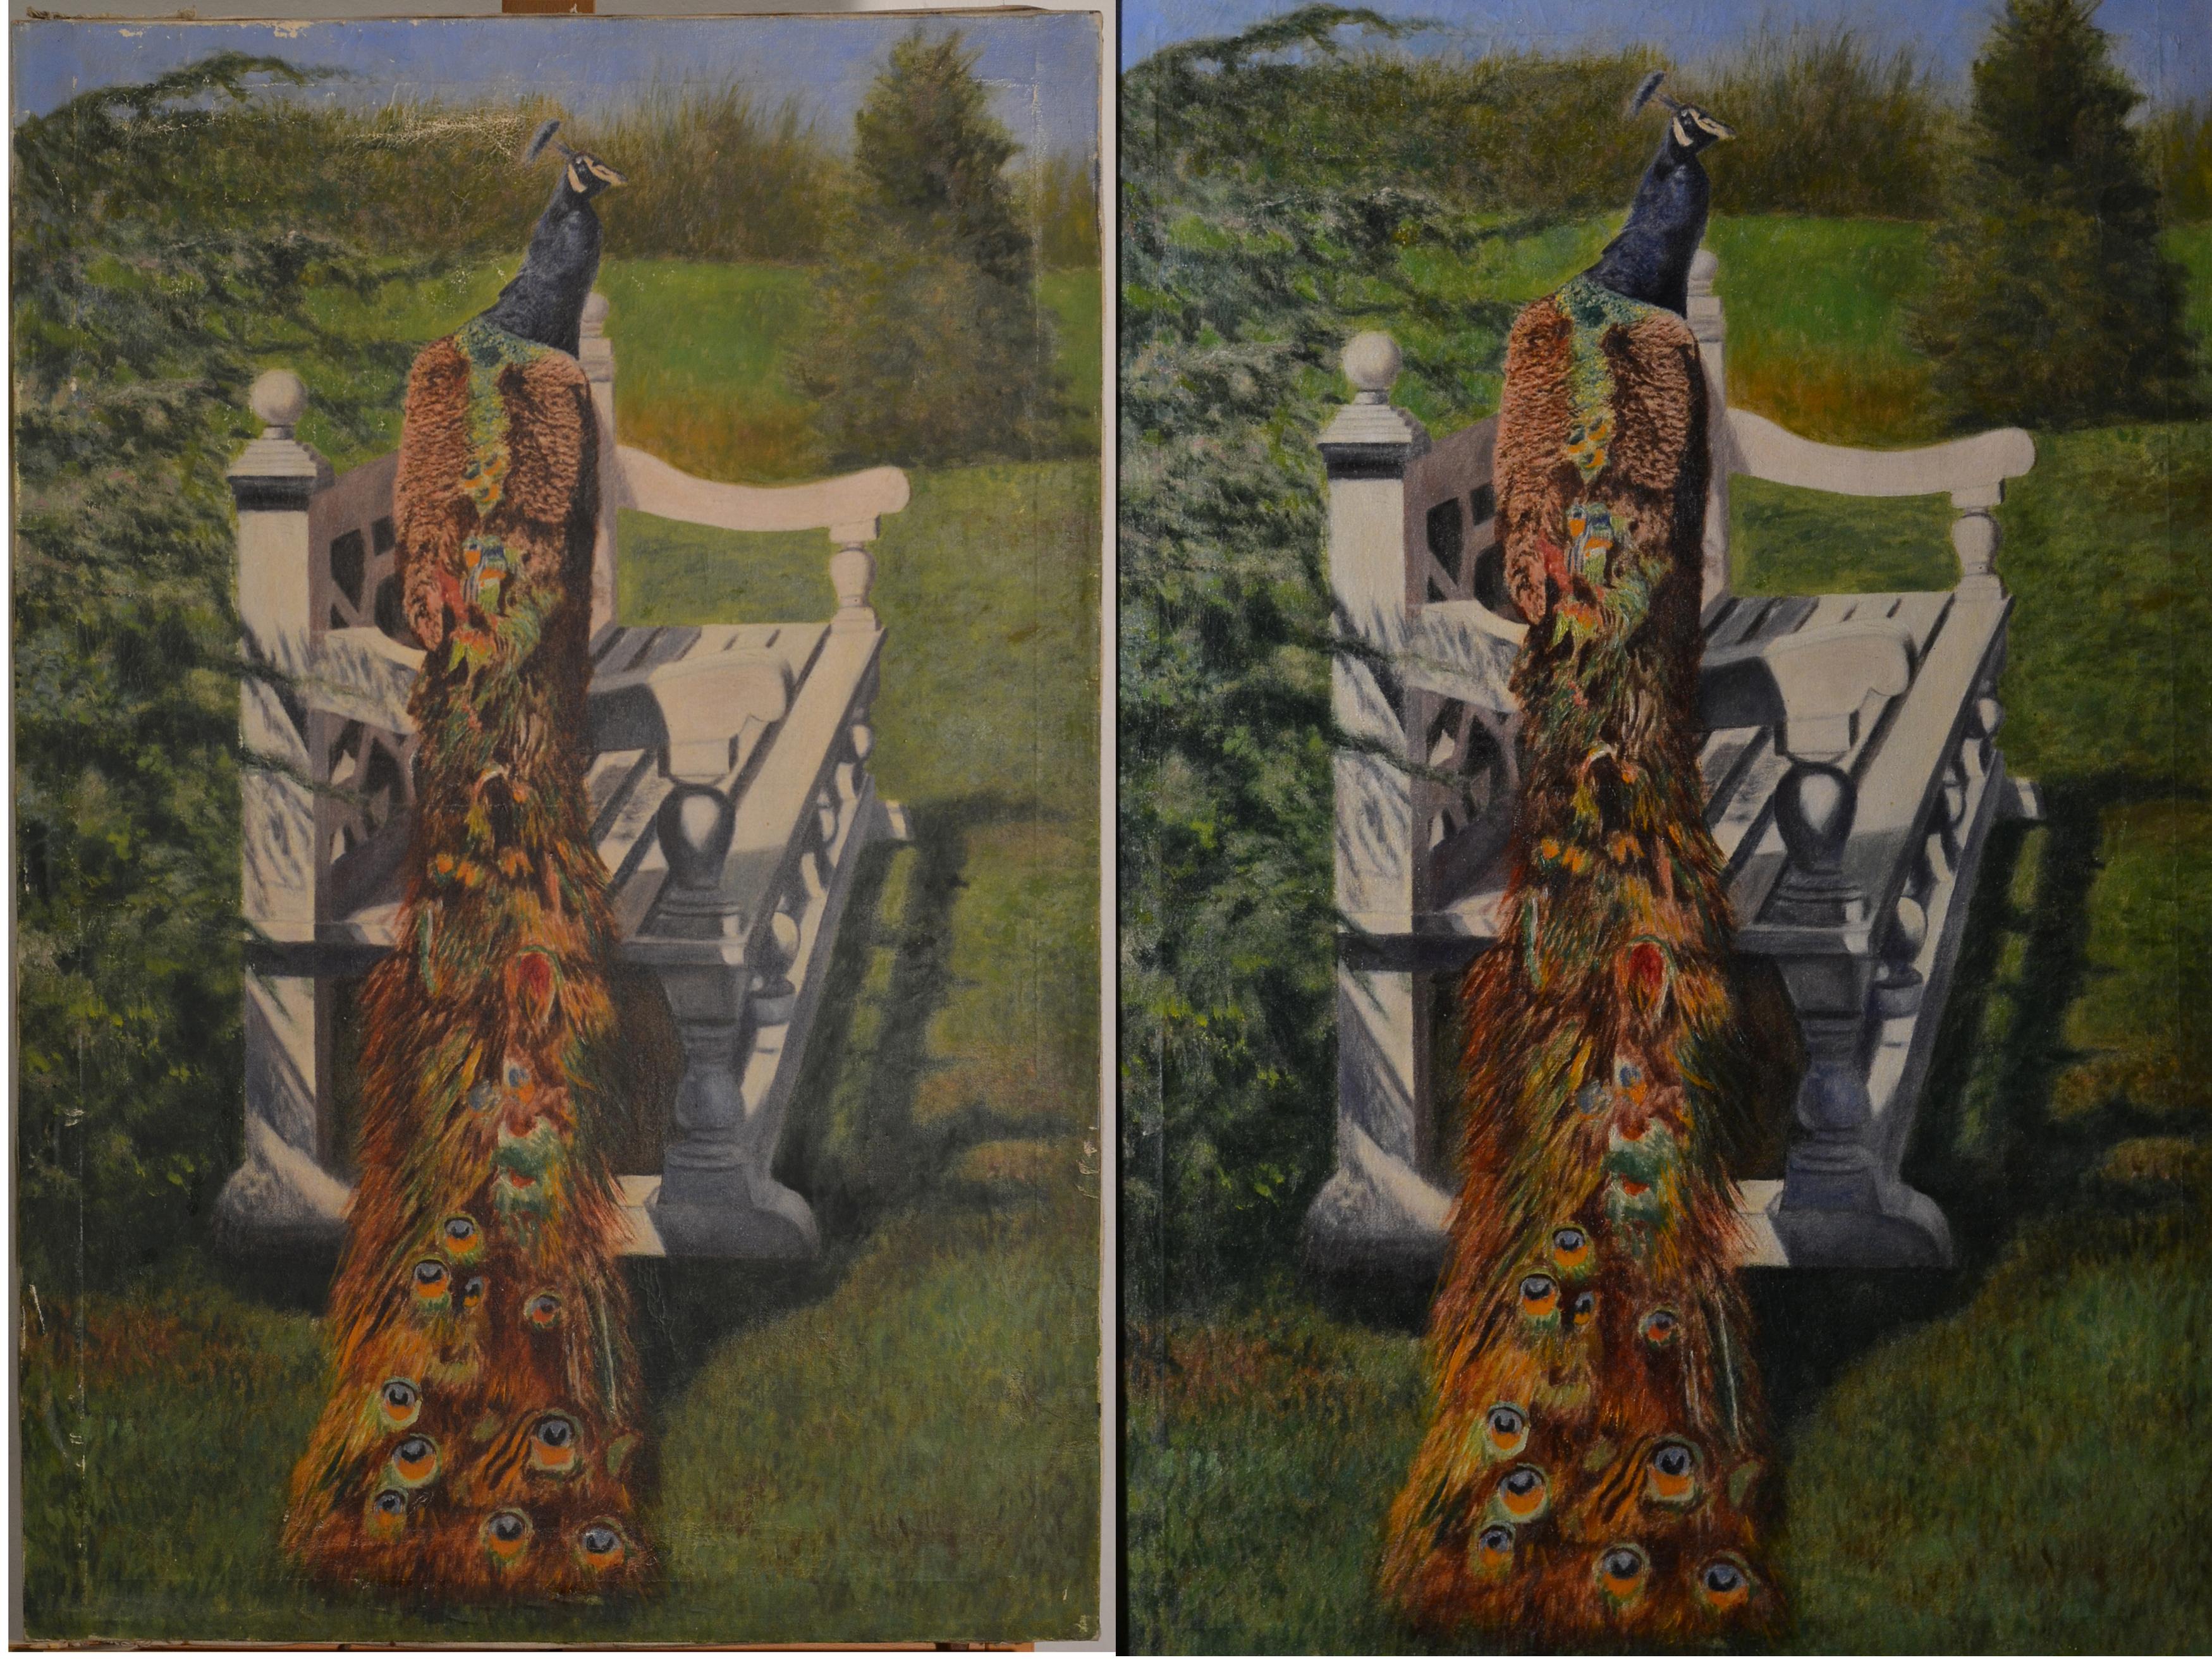 Paabulind kaks pilti koos